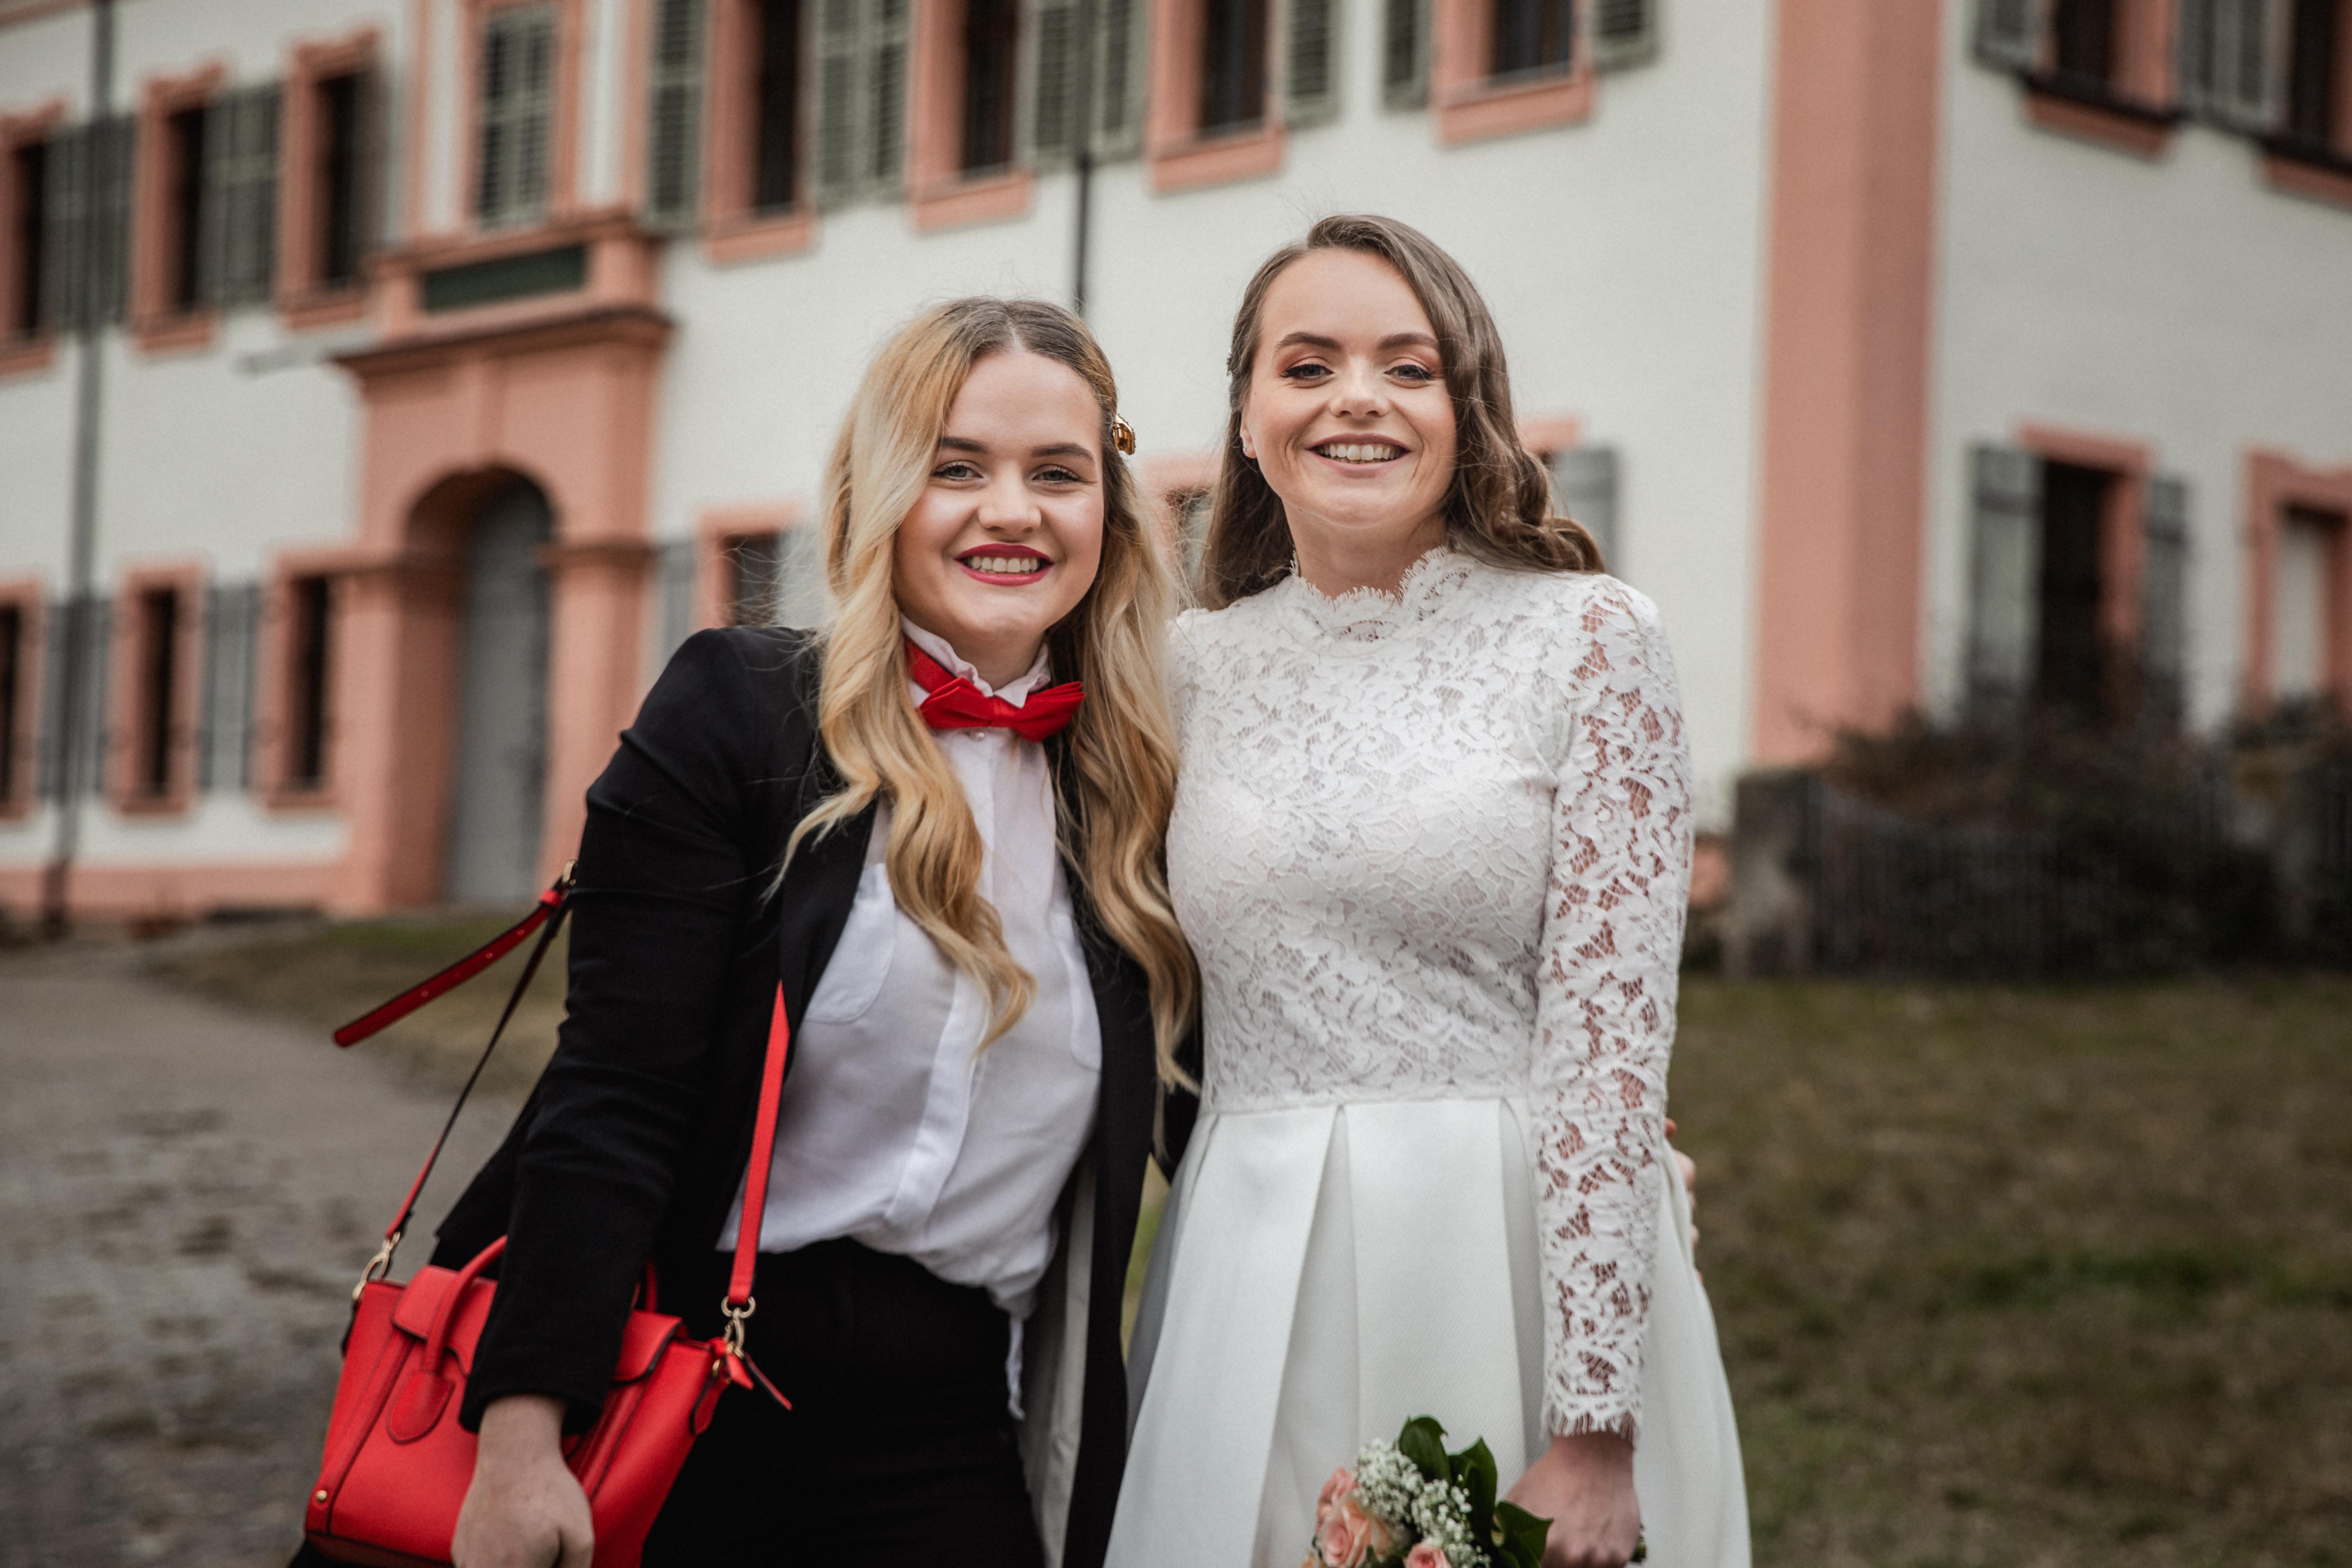 Hochzeitsfotograf-Grossgruendlach-Standesamt-Hallerschloss-Urbanerie-Stazija-und-Michael-049